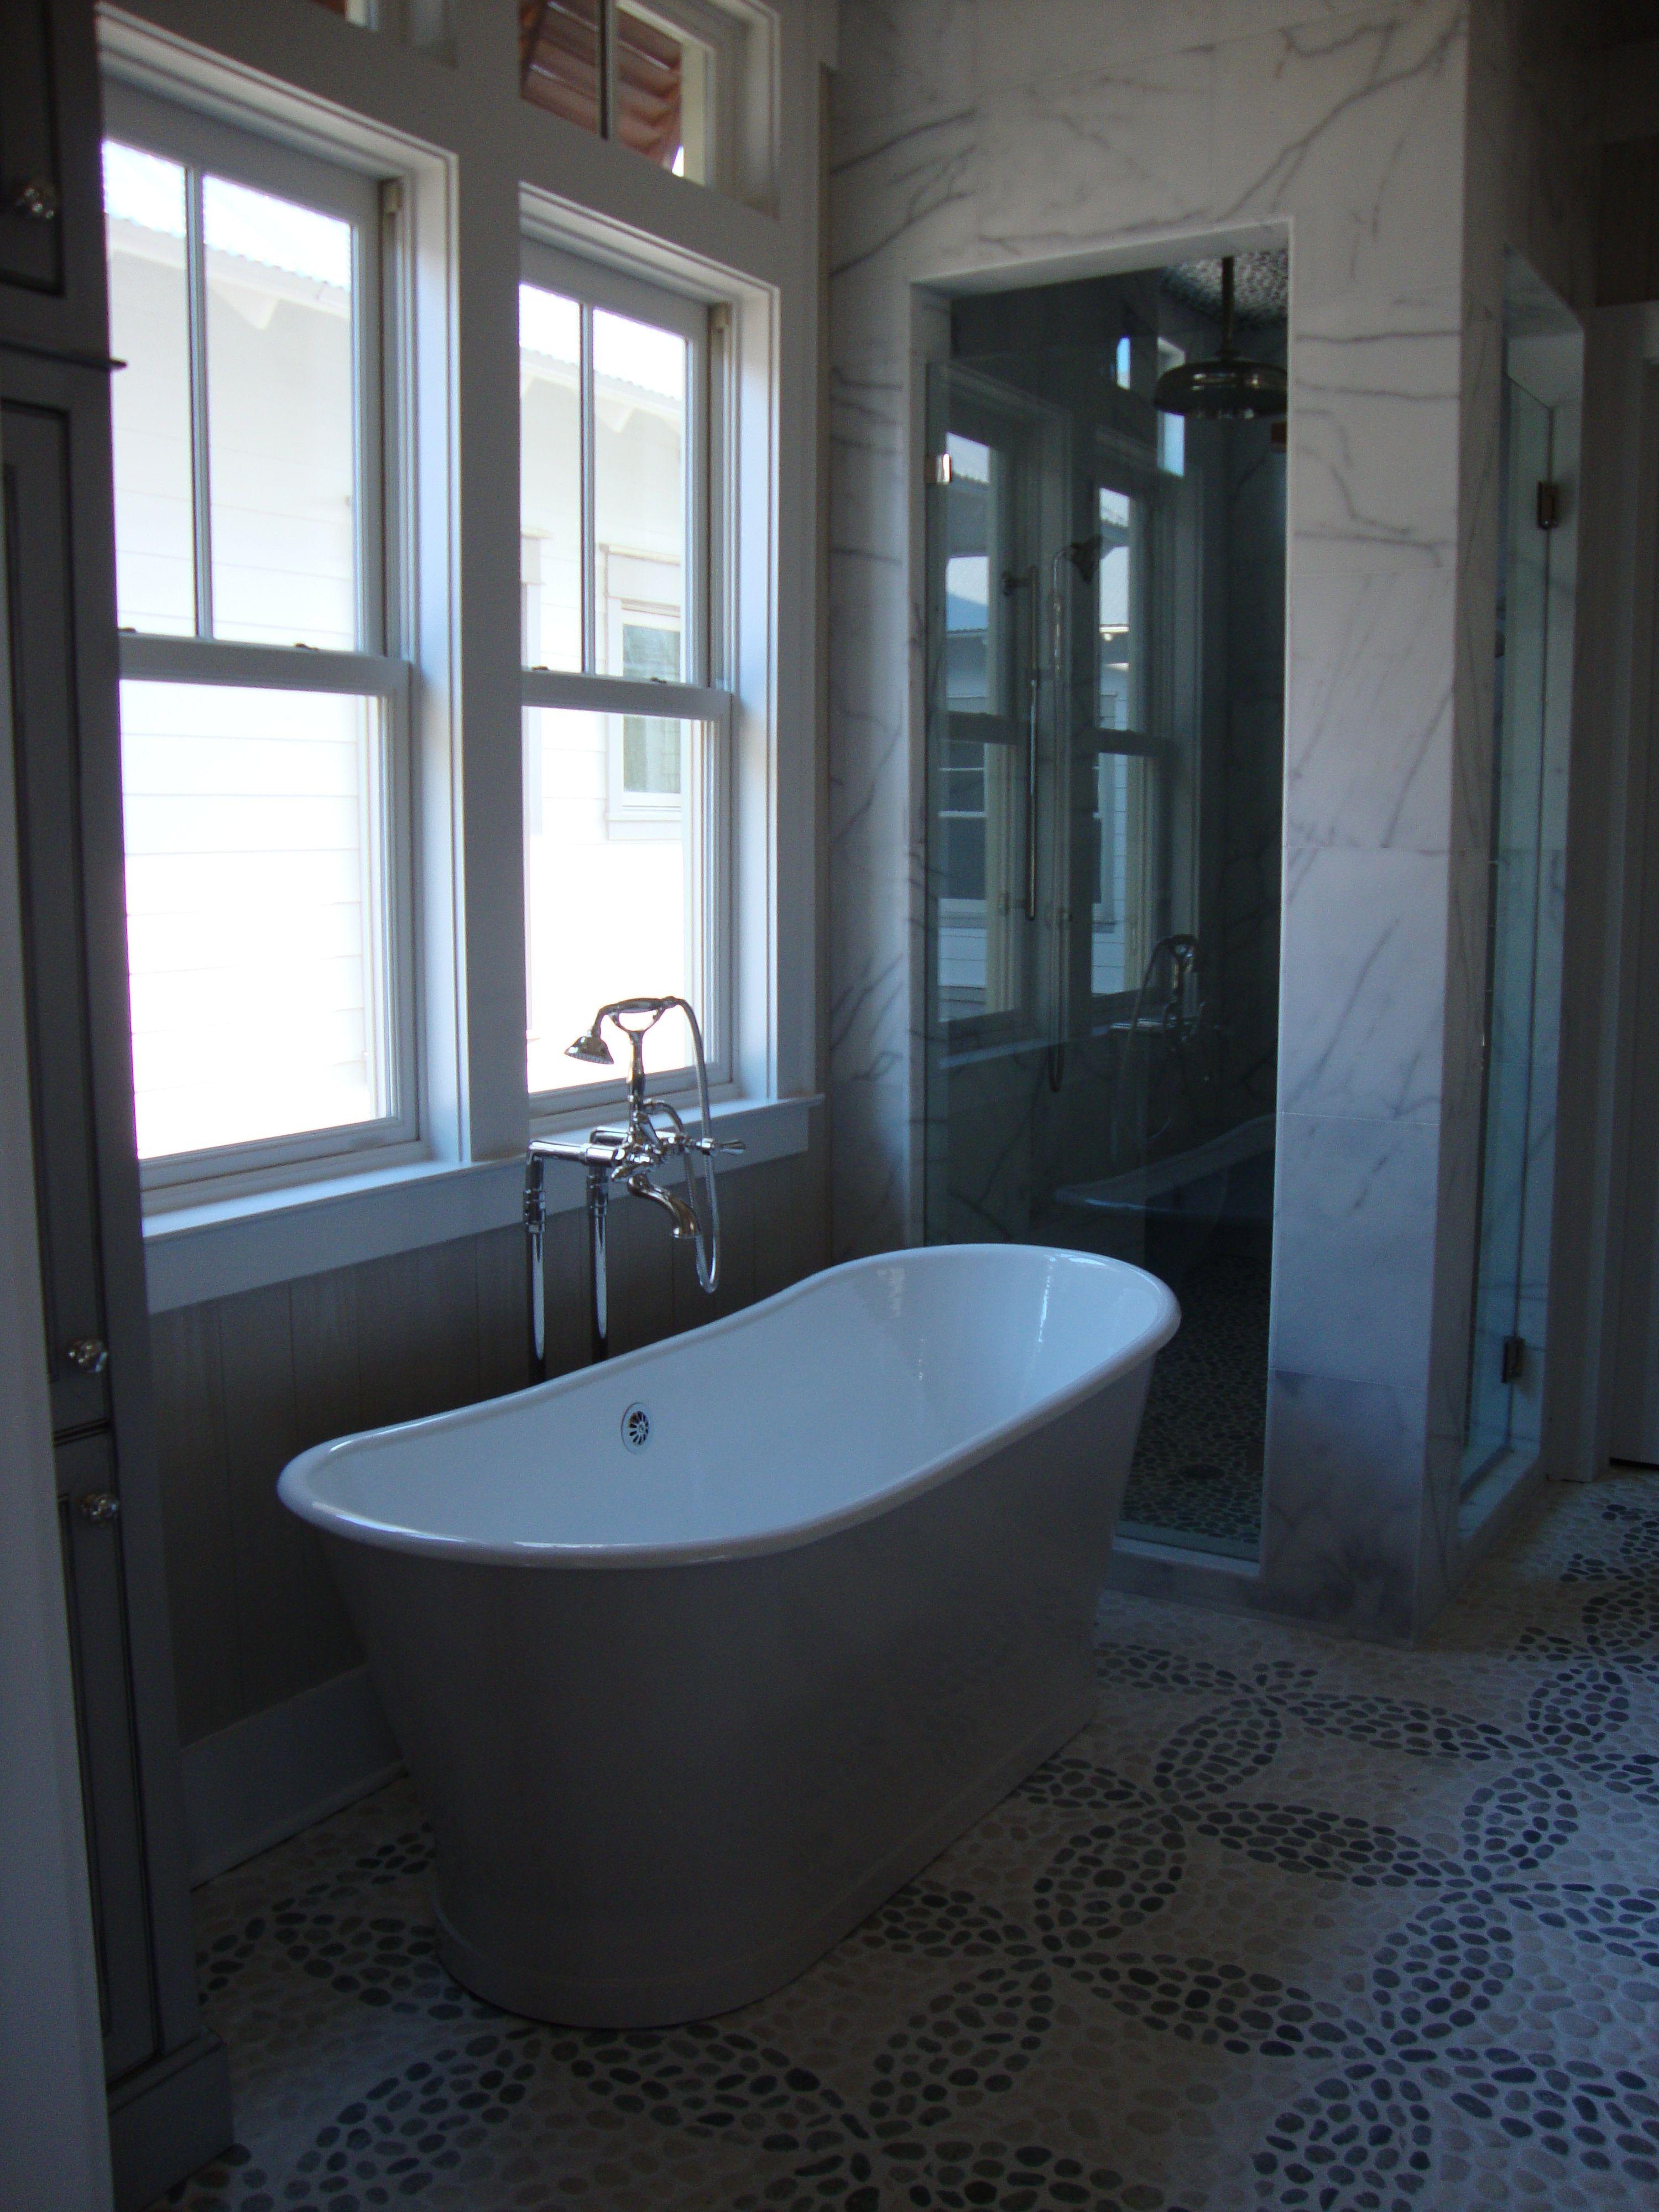 Bath great floor cast iron tub rough hewn wood bath